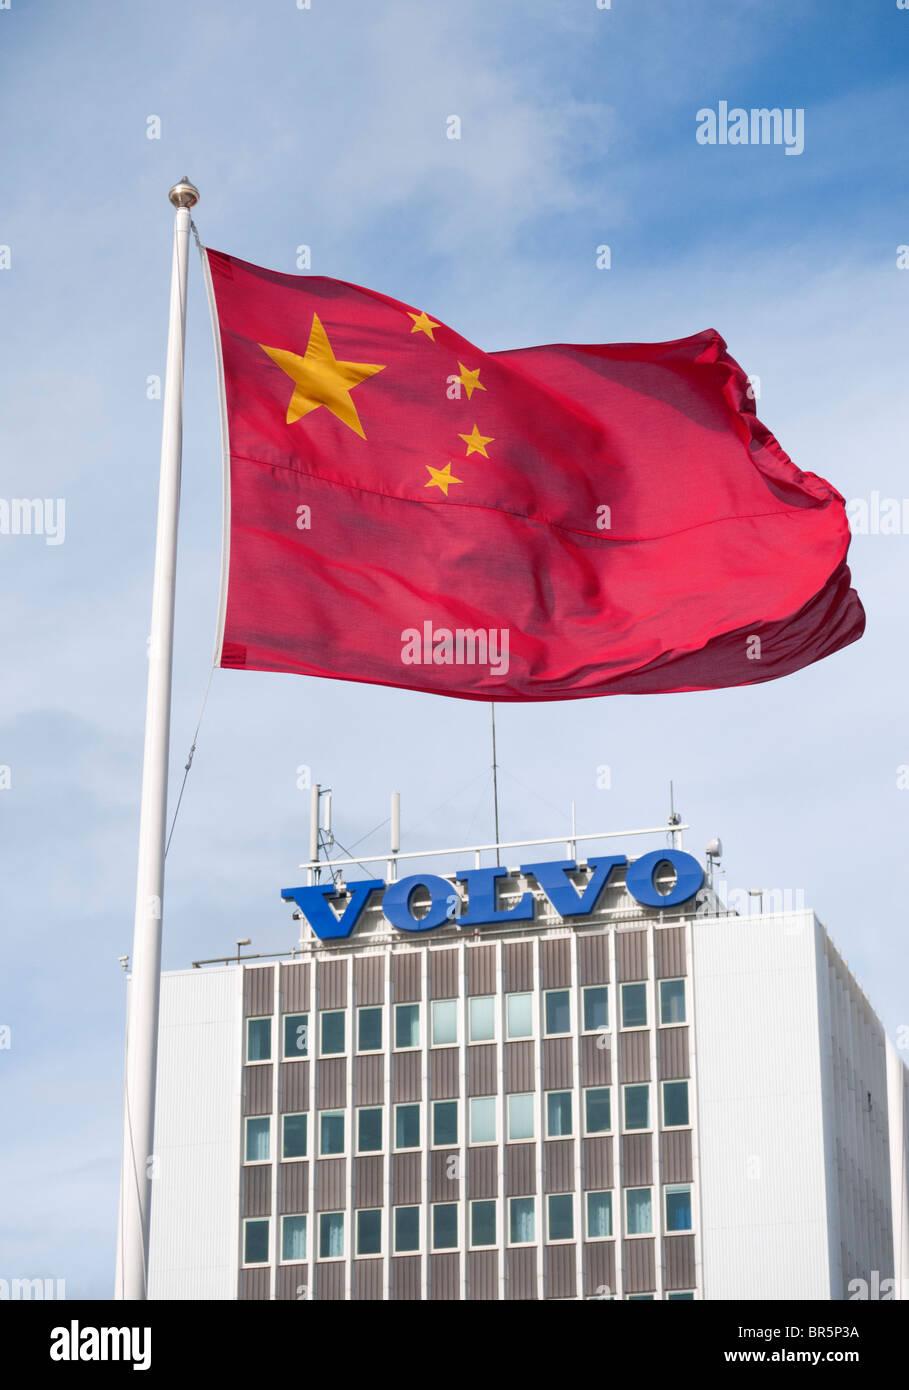 Bandiera cinese volare sulla fabbrica Volvo di Göteborg in Svezia seguenti opa cinese della società 2010 Immagini Stock